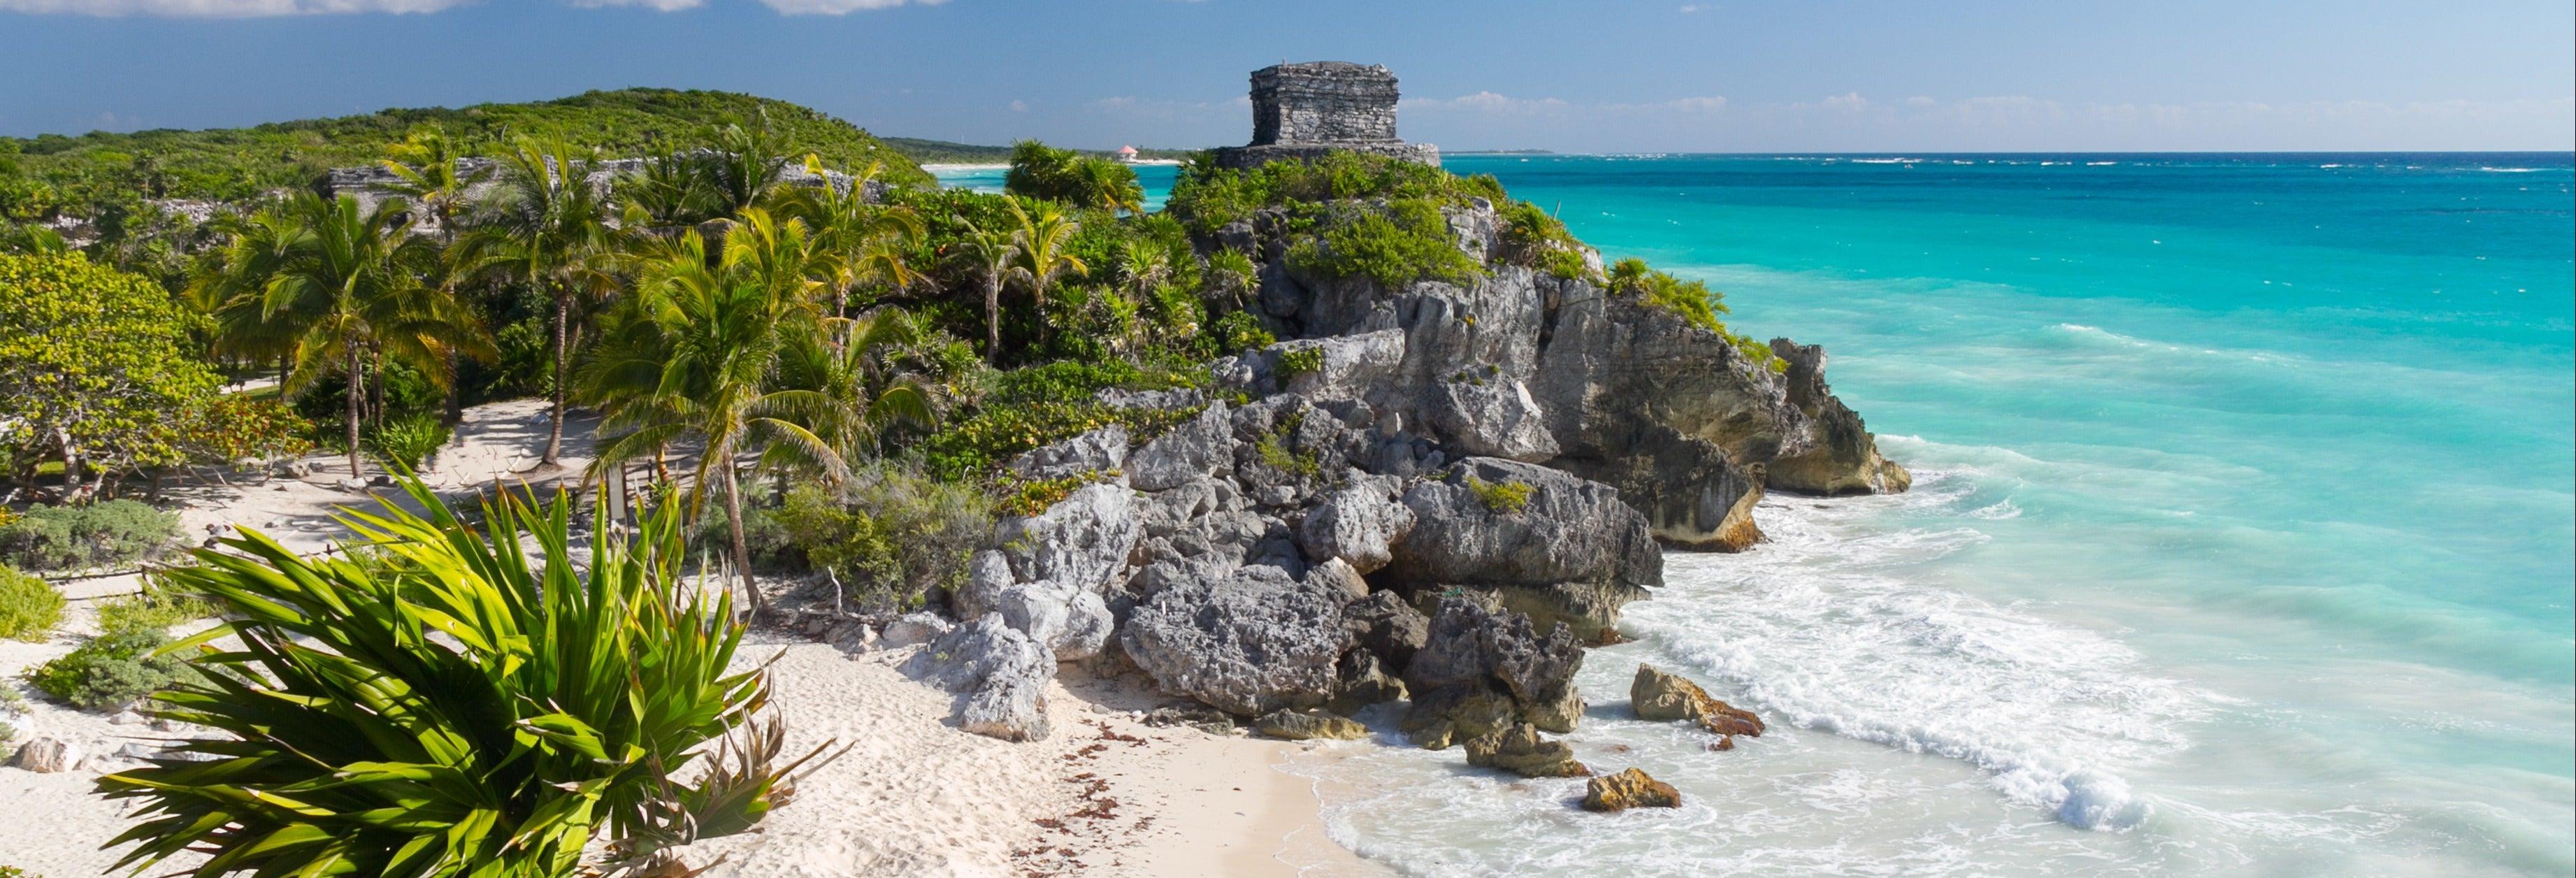 Escursione privata da Cancún